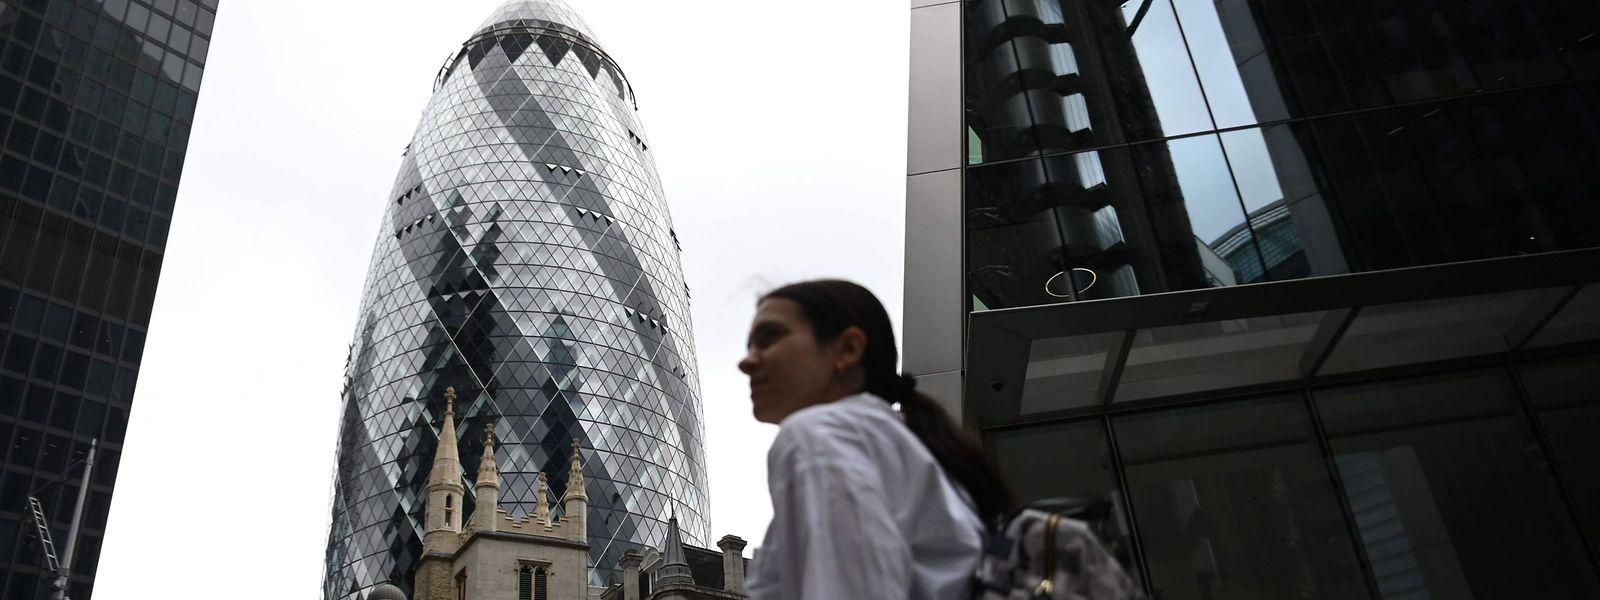 Experten zufolge könnte die Arbeitslosigkeit in Großbritannien bis zum Jahresende auf 10 Prozent steigen.